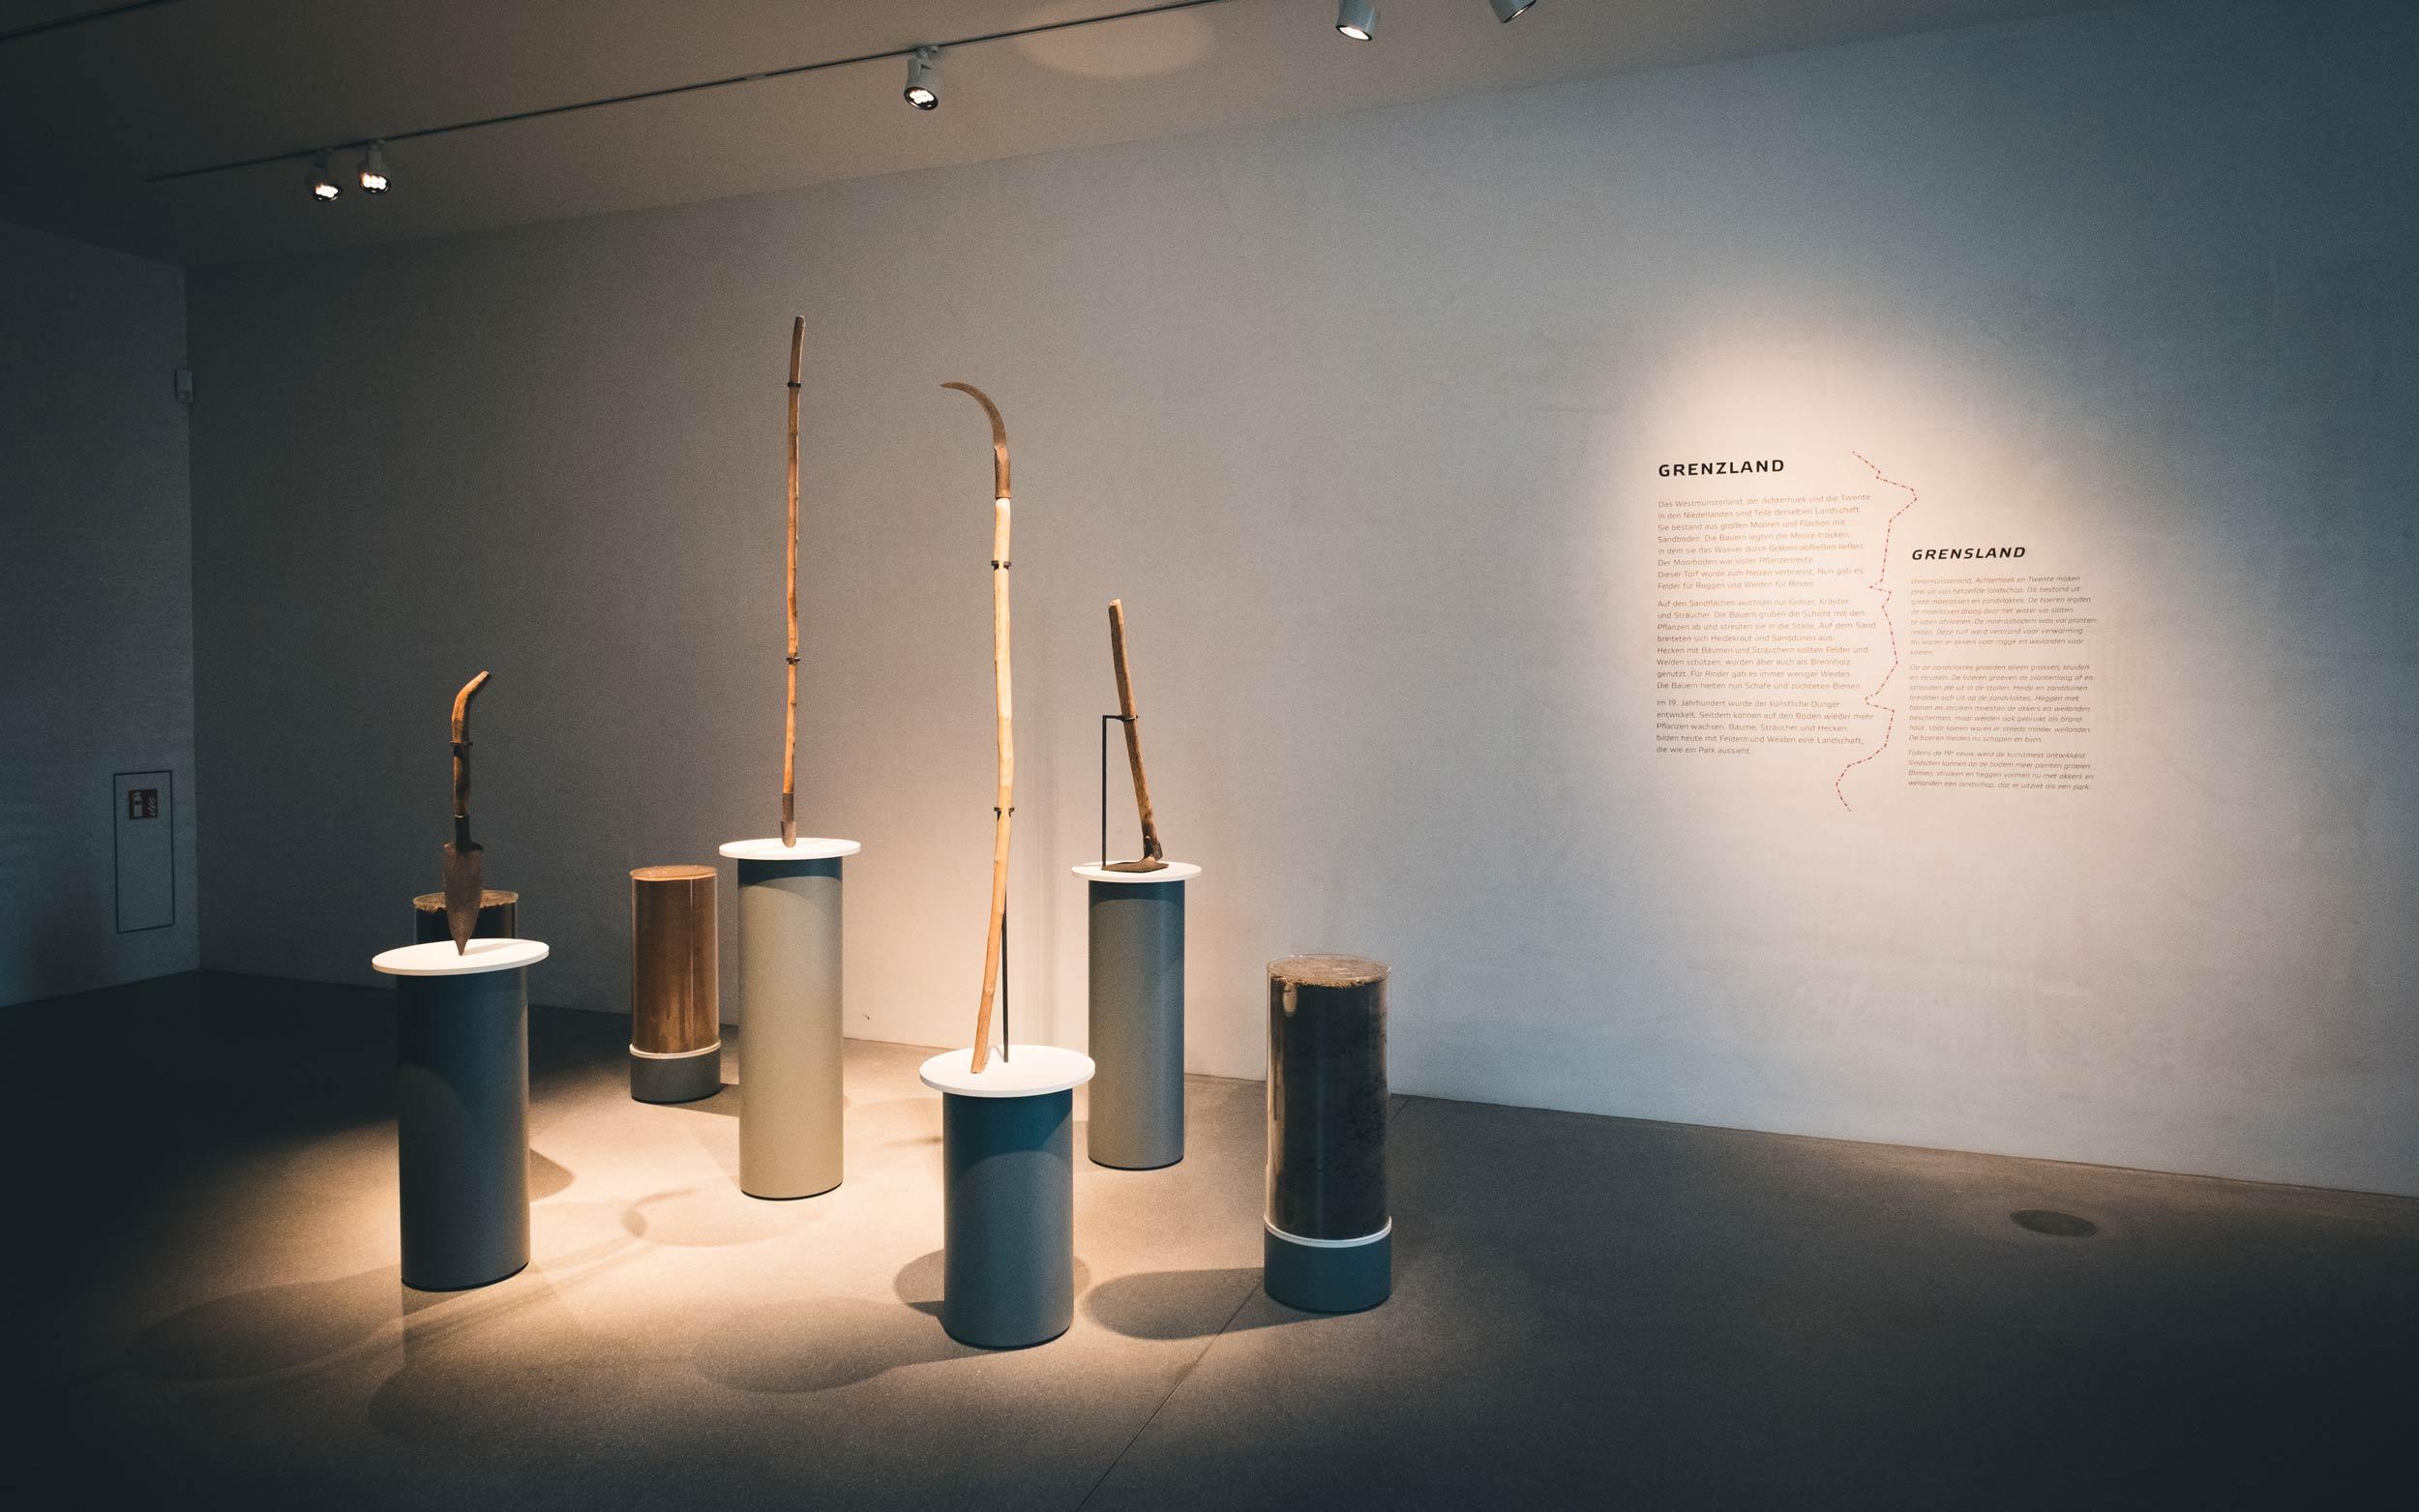 kult Dauerausstellung Grenze